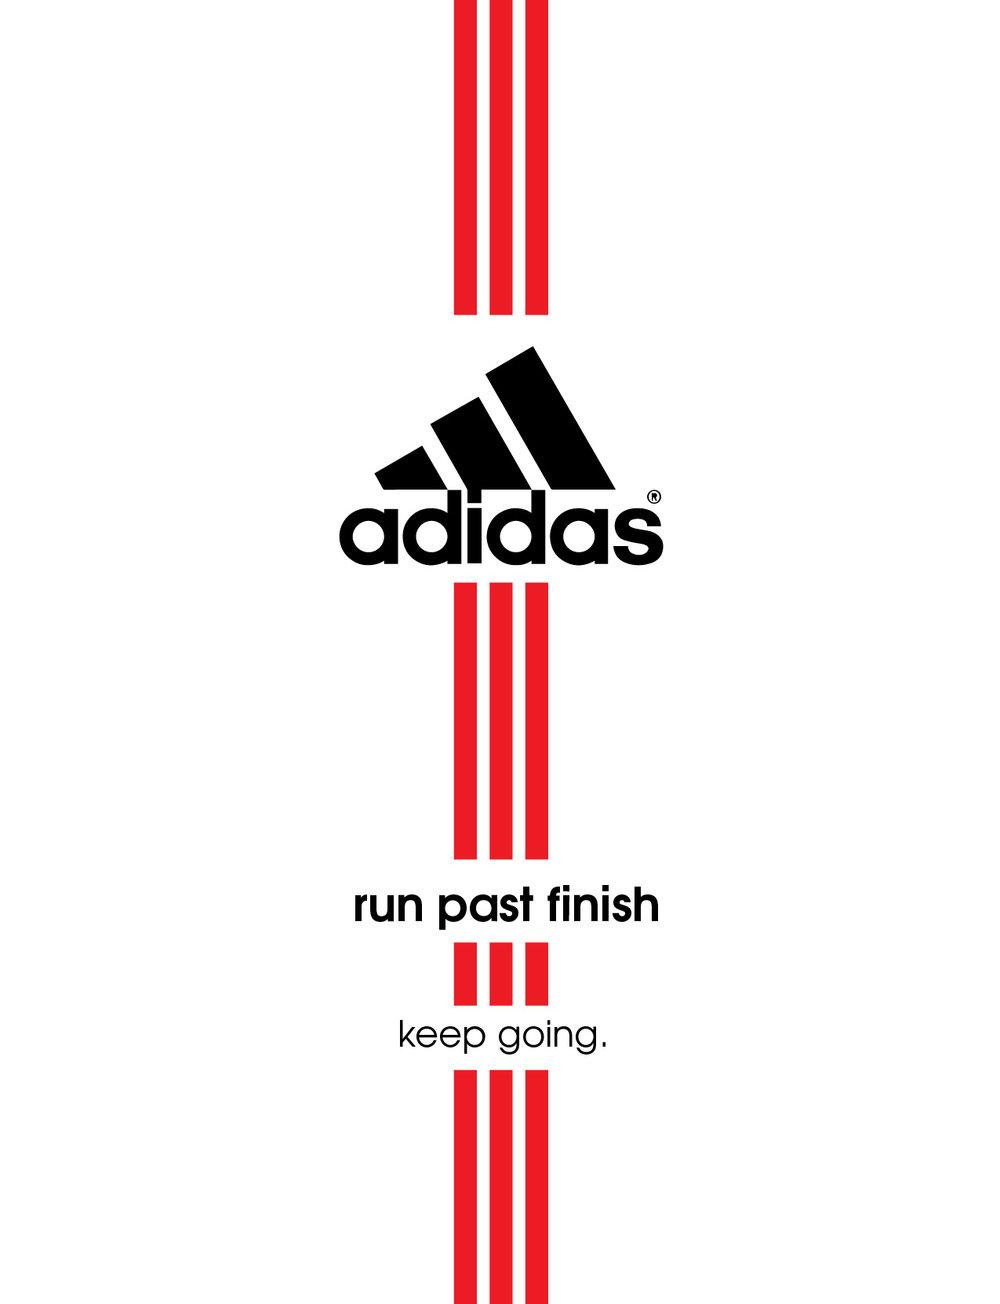 Adidas ad campaign mel blanchard gong card-03.jpg